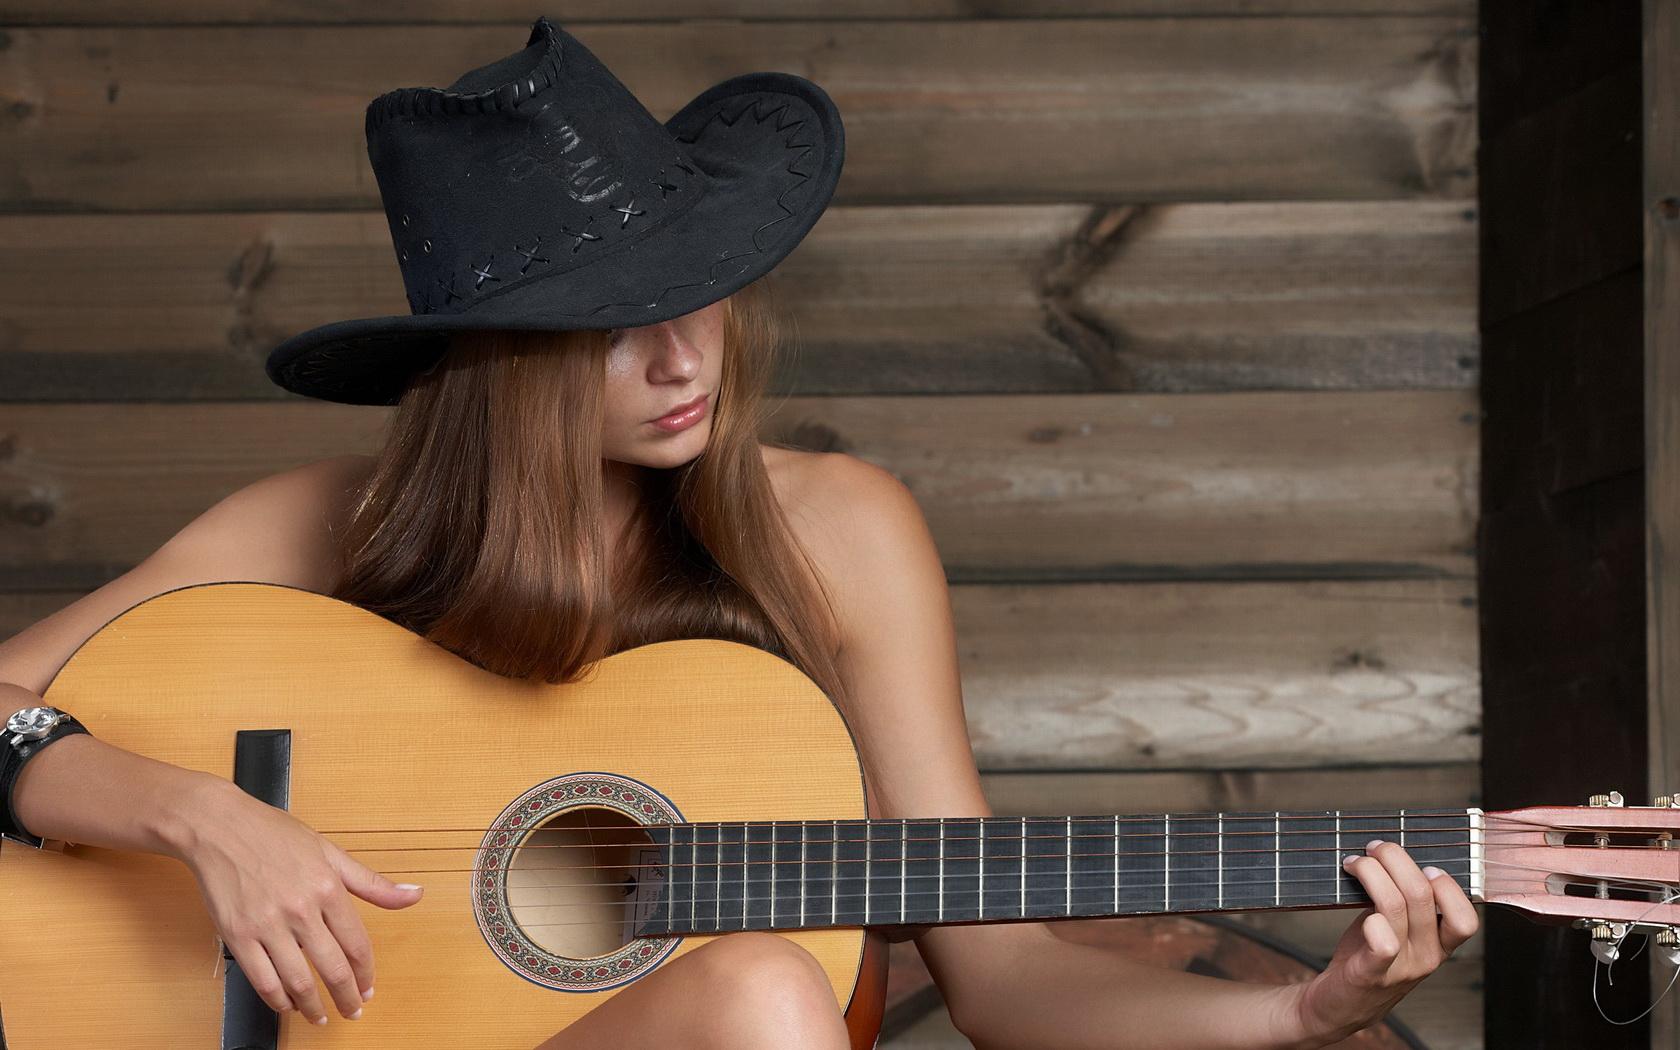 Chica tocando guitarra - 1680x1050